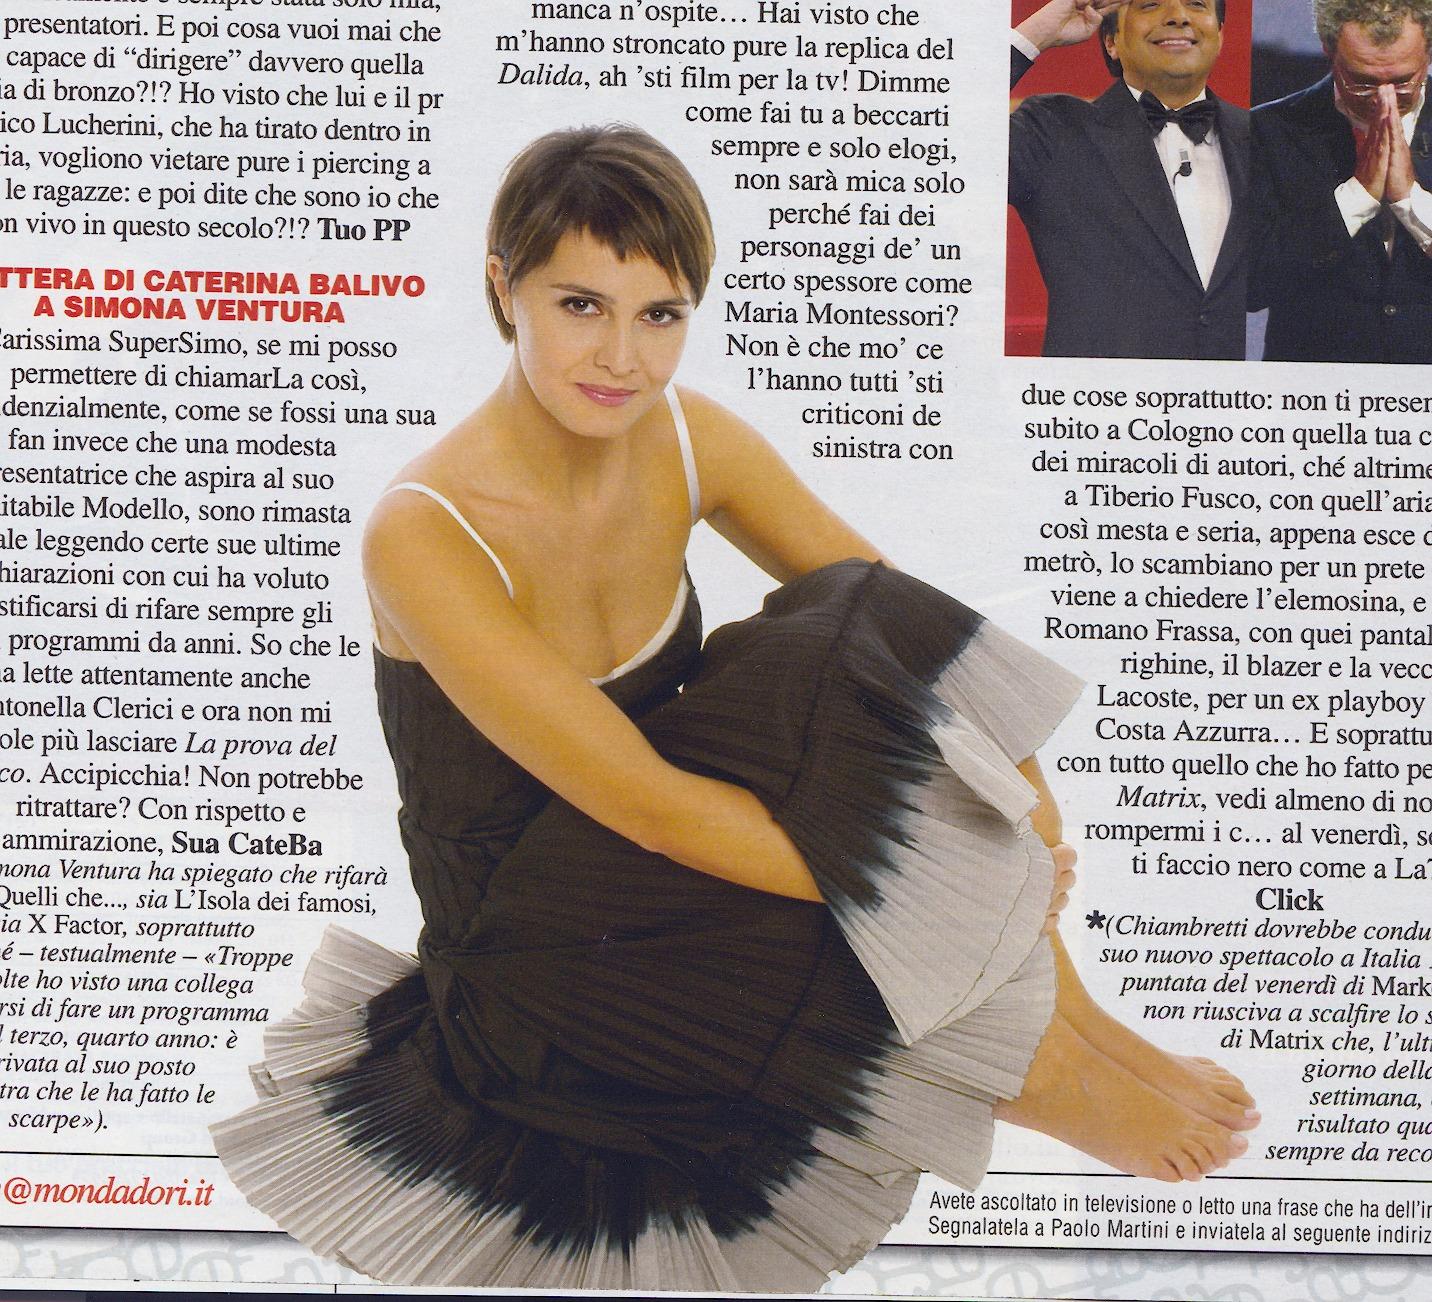 Paola Cortellesi (born 1973)